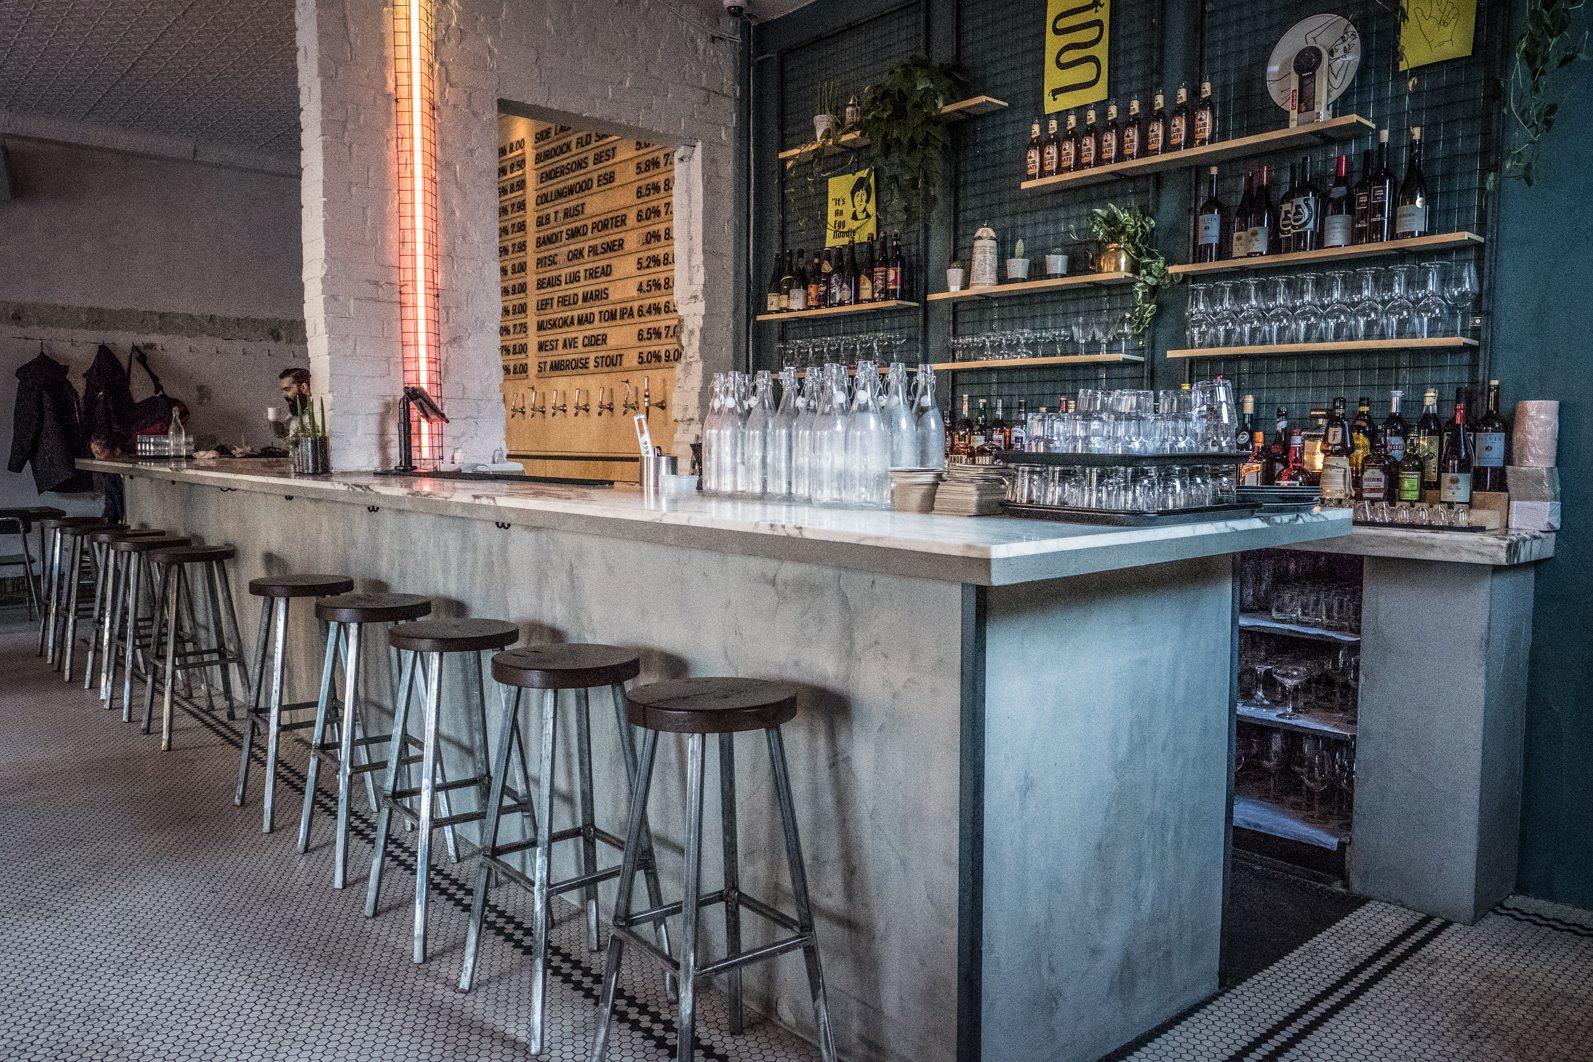 toronto-restaurants-bars-ottos-bierhalle-german-beer-queen-west-bar